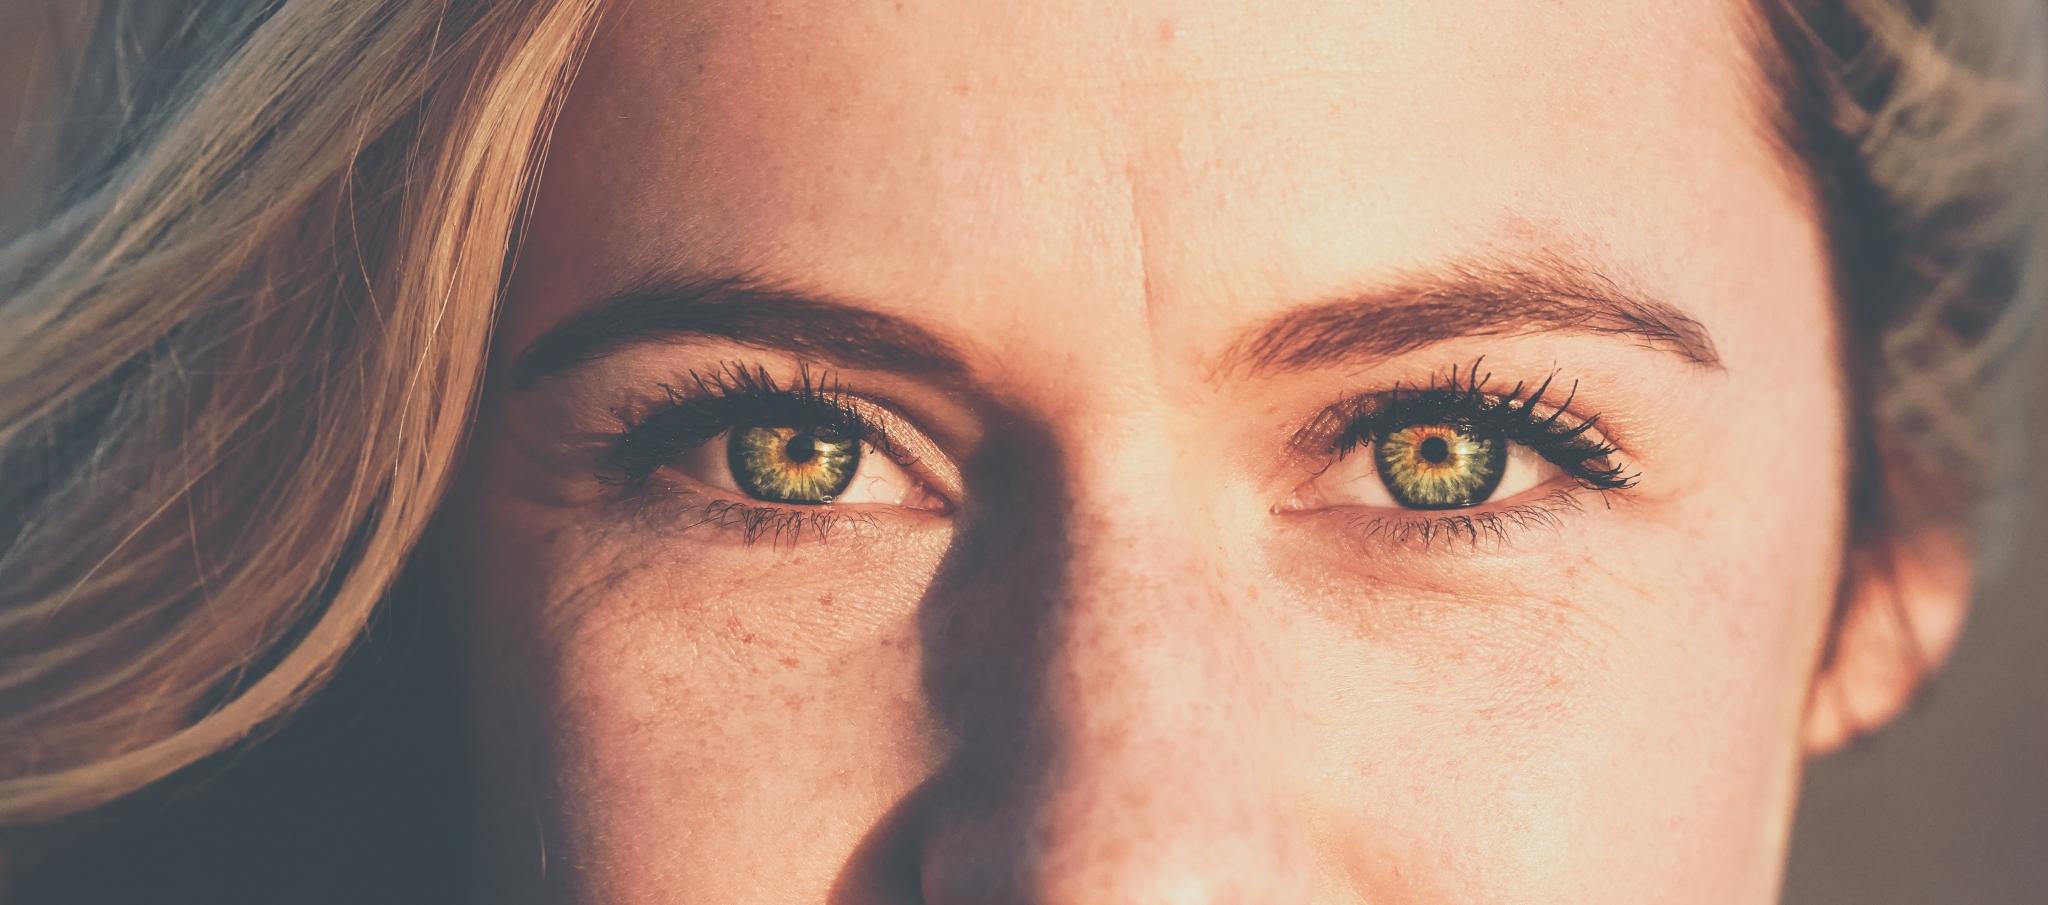 womens-eyes-1